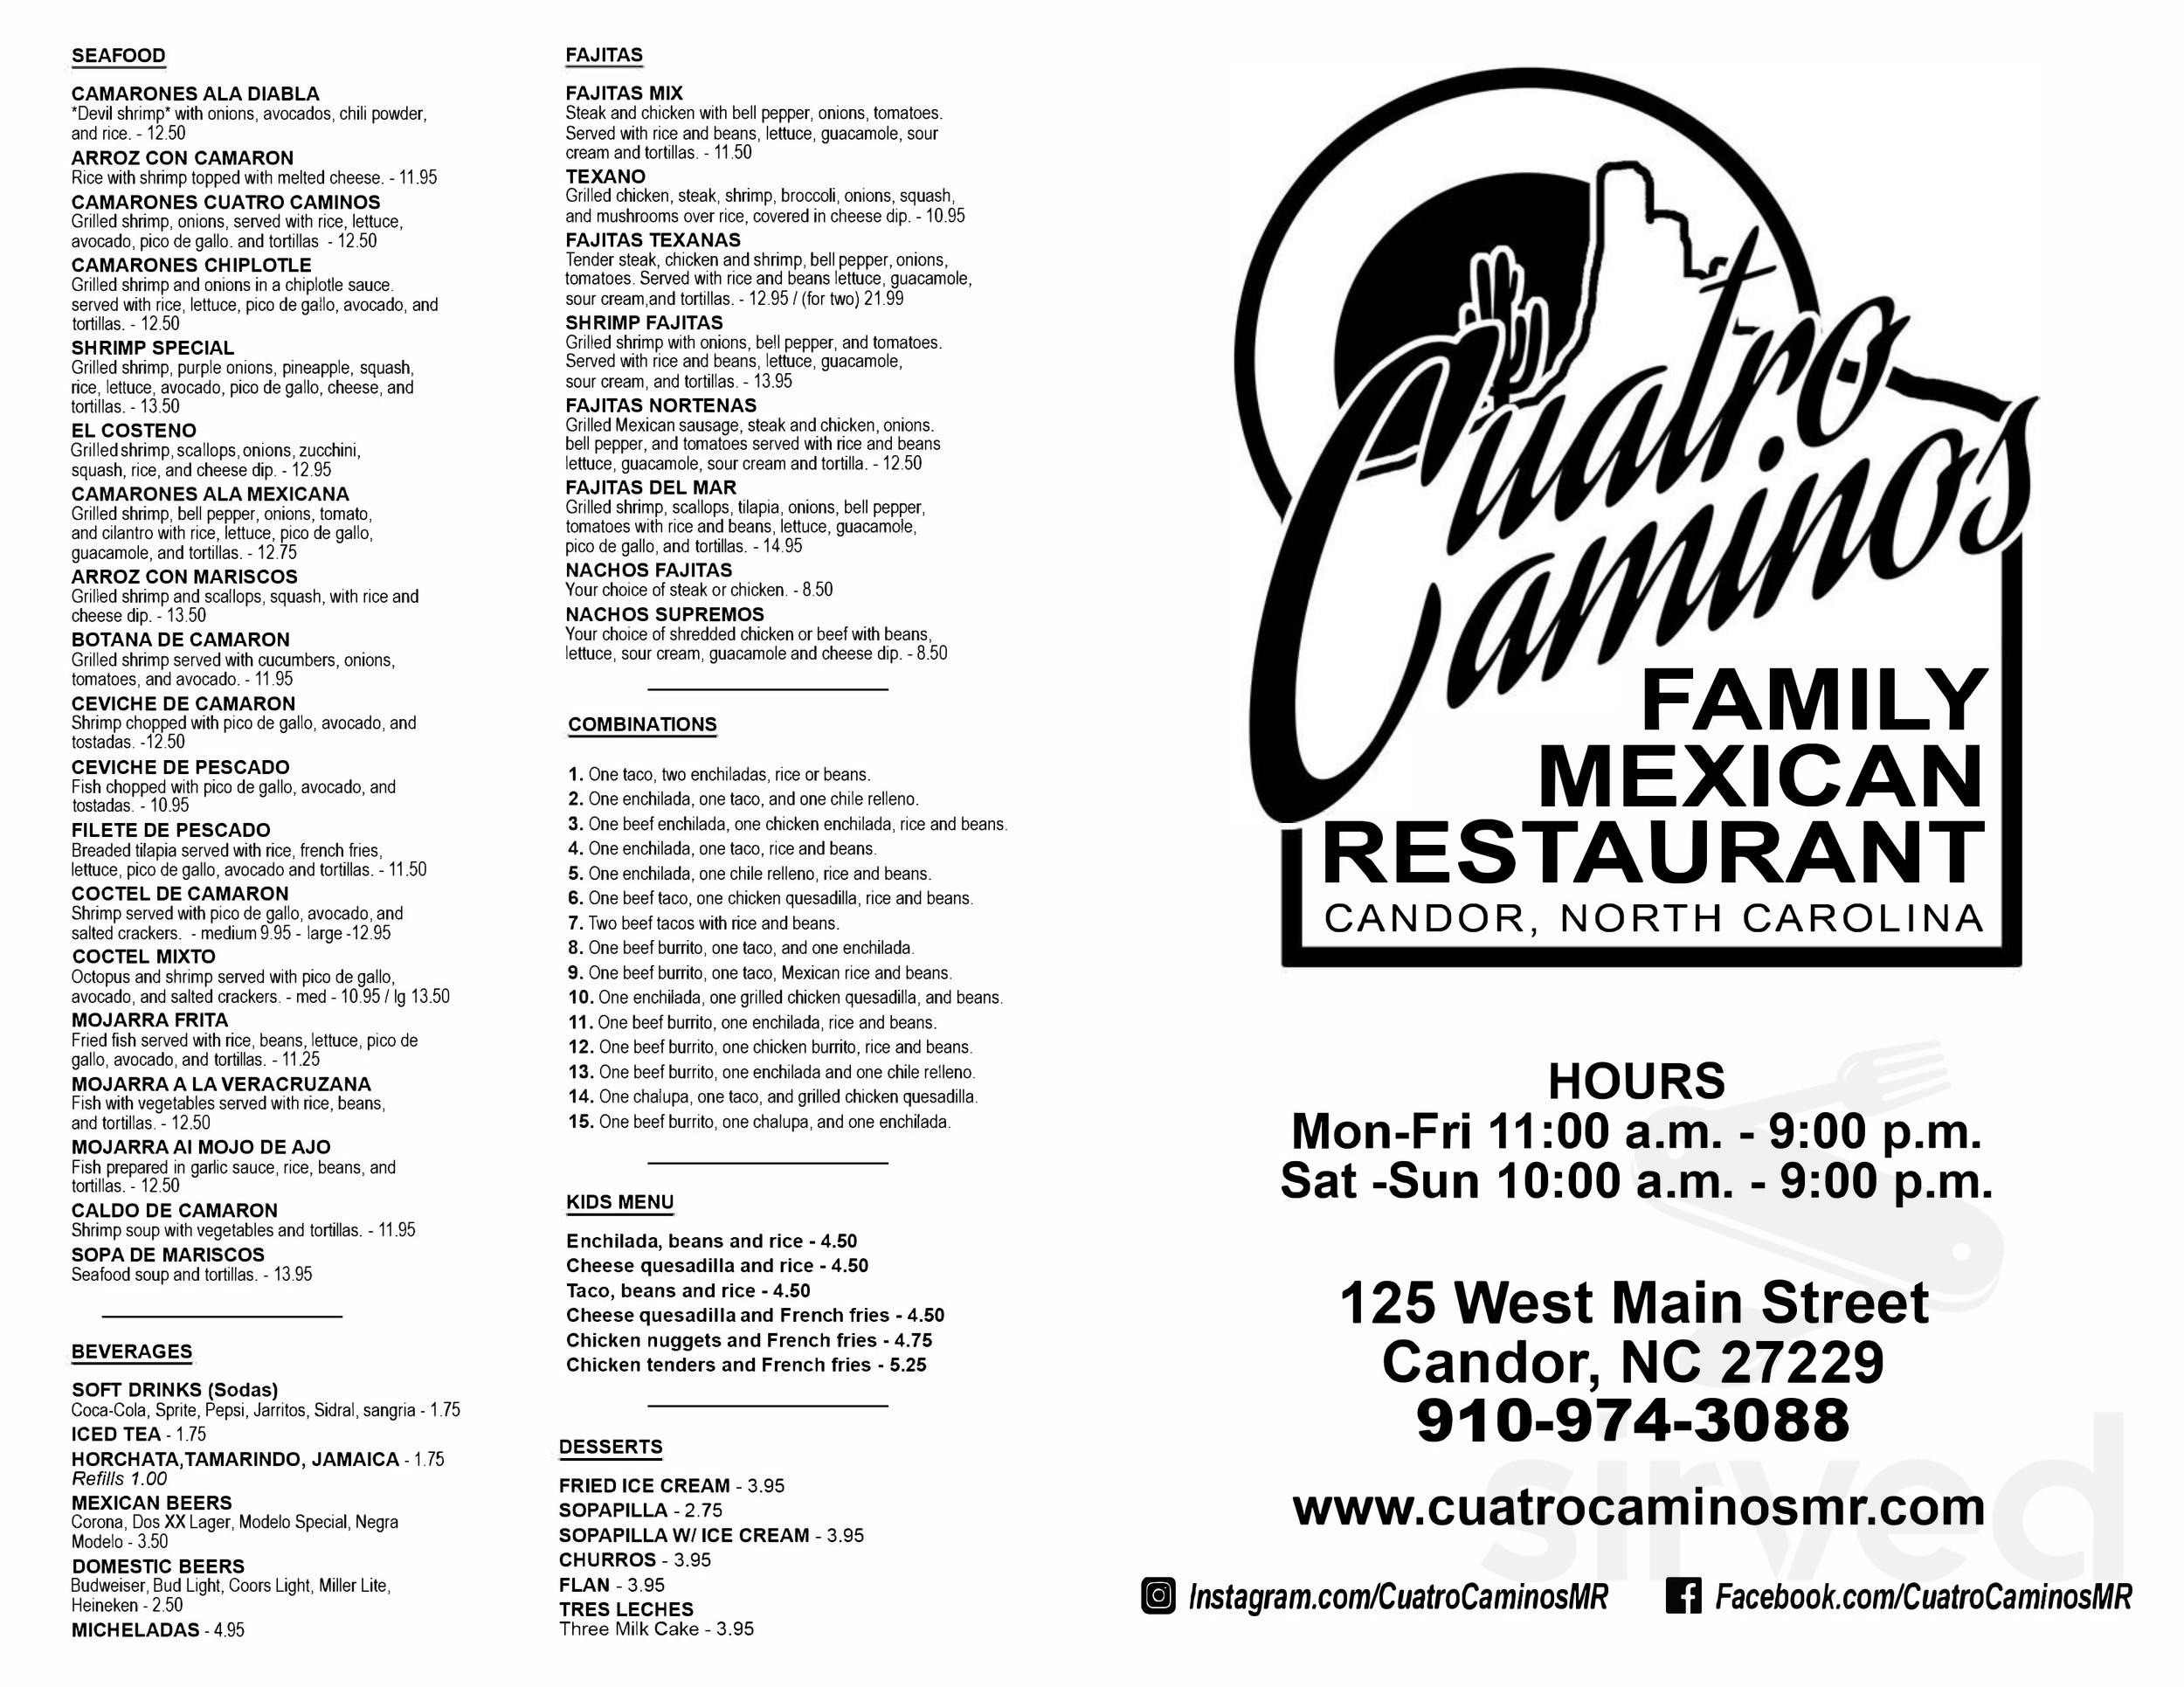 Cuatro Caminos Mexican Restaurant Menu In Candor North Carolina